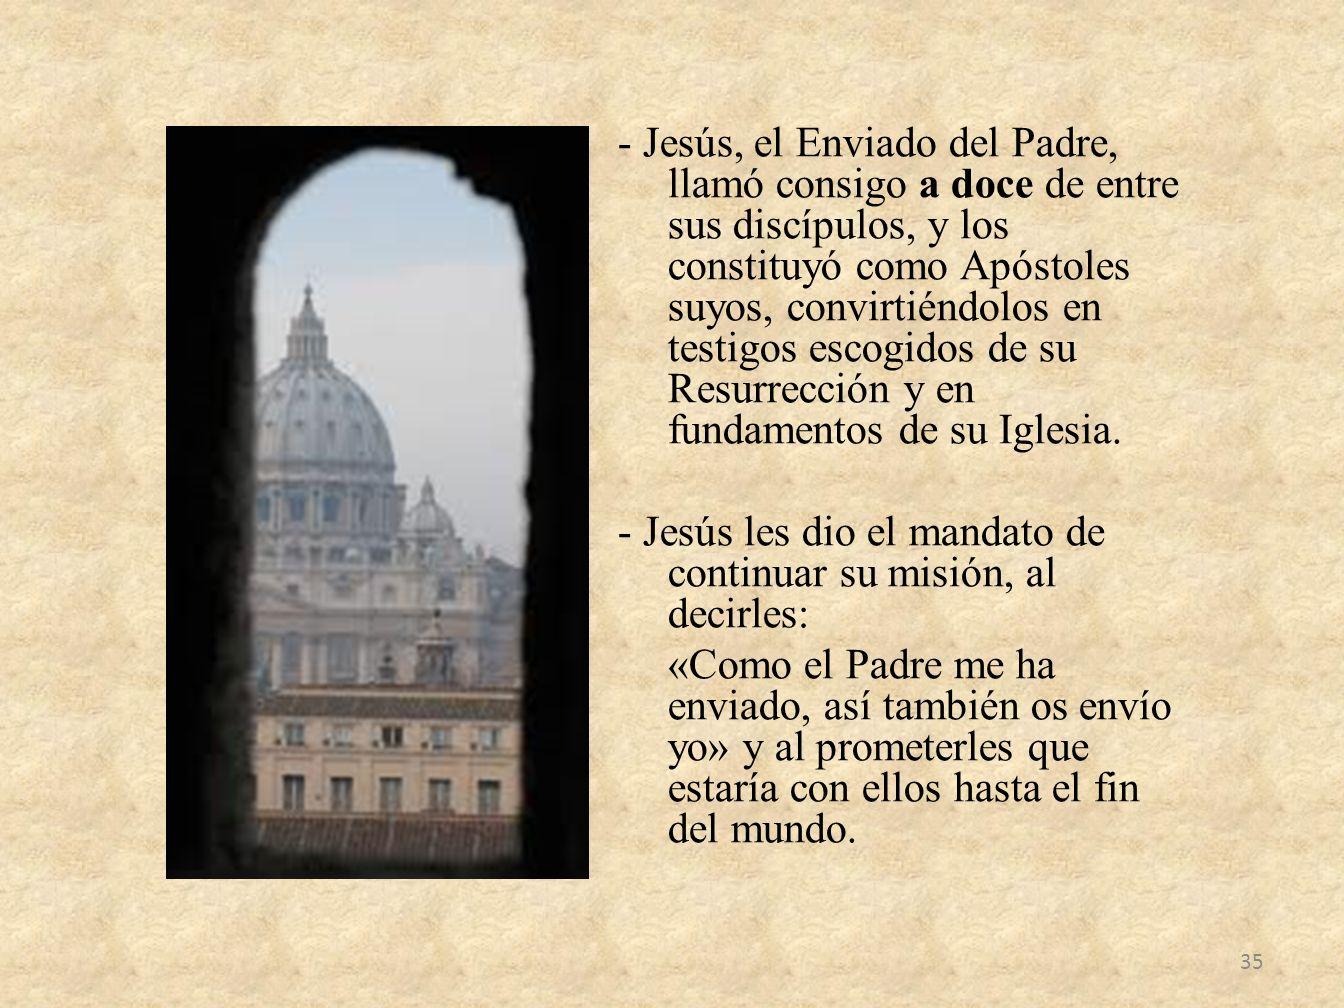 - Jesús, el Enviado del Padre, llamó consigo a doce de entre sus discípulos, y los constituyó como Apóstoles suyos, convirtiéndolos en testigos escogidos de su Resurrección y en fundamentos de su Iglesia.